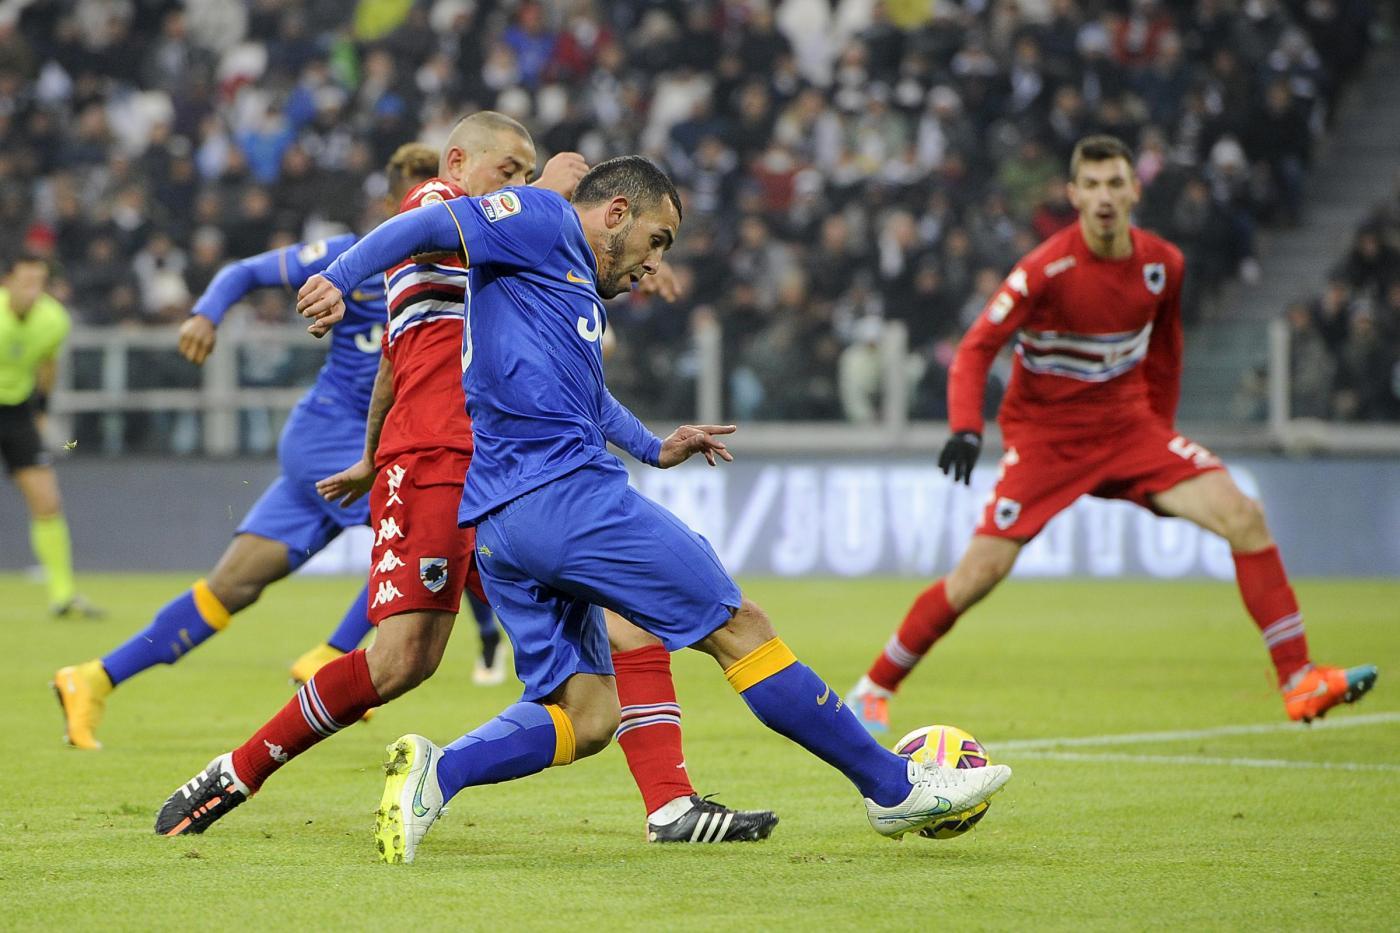 Sampdoria vs Juventus 0-1 vale il poker scudetto